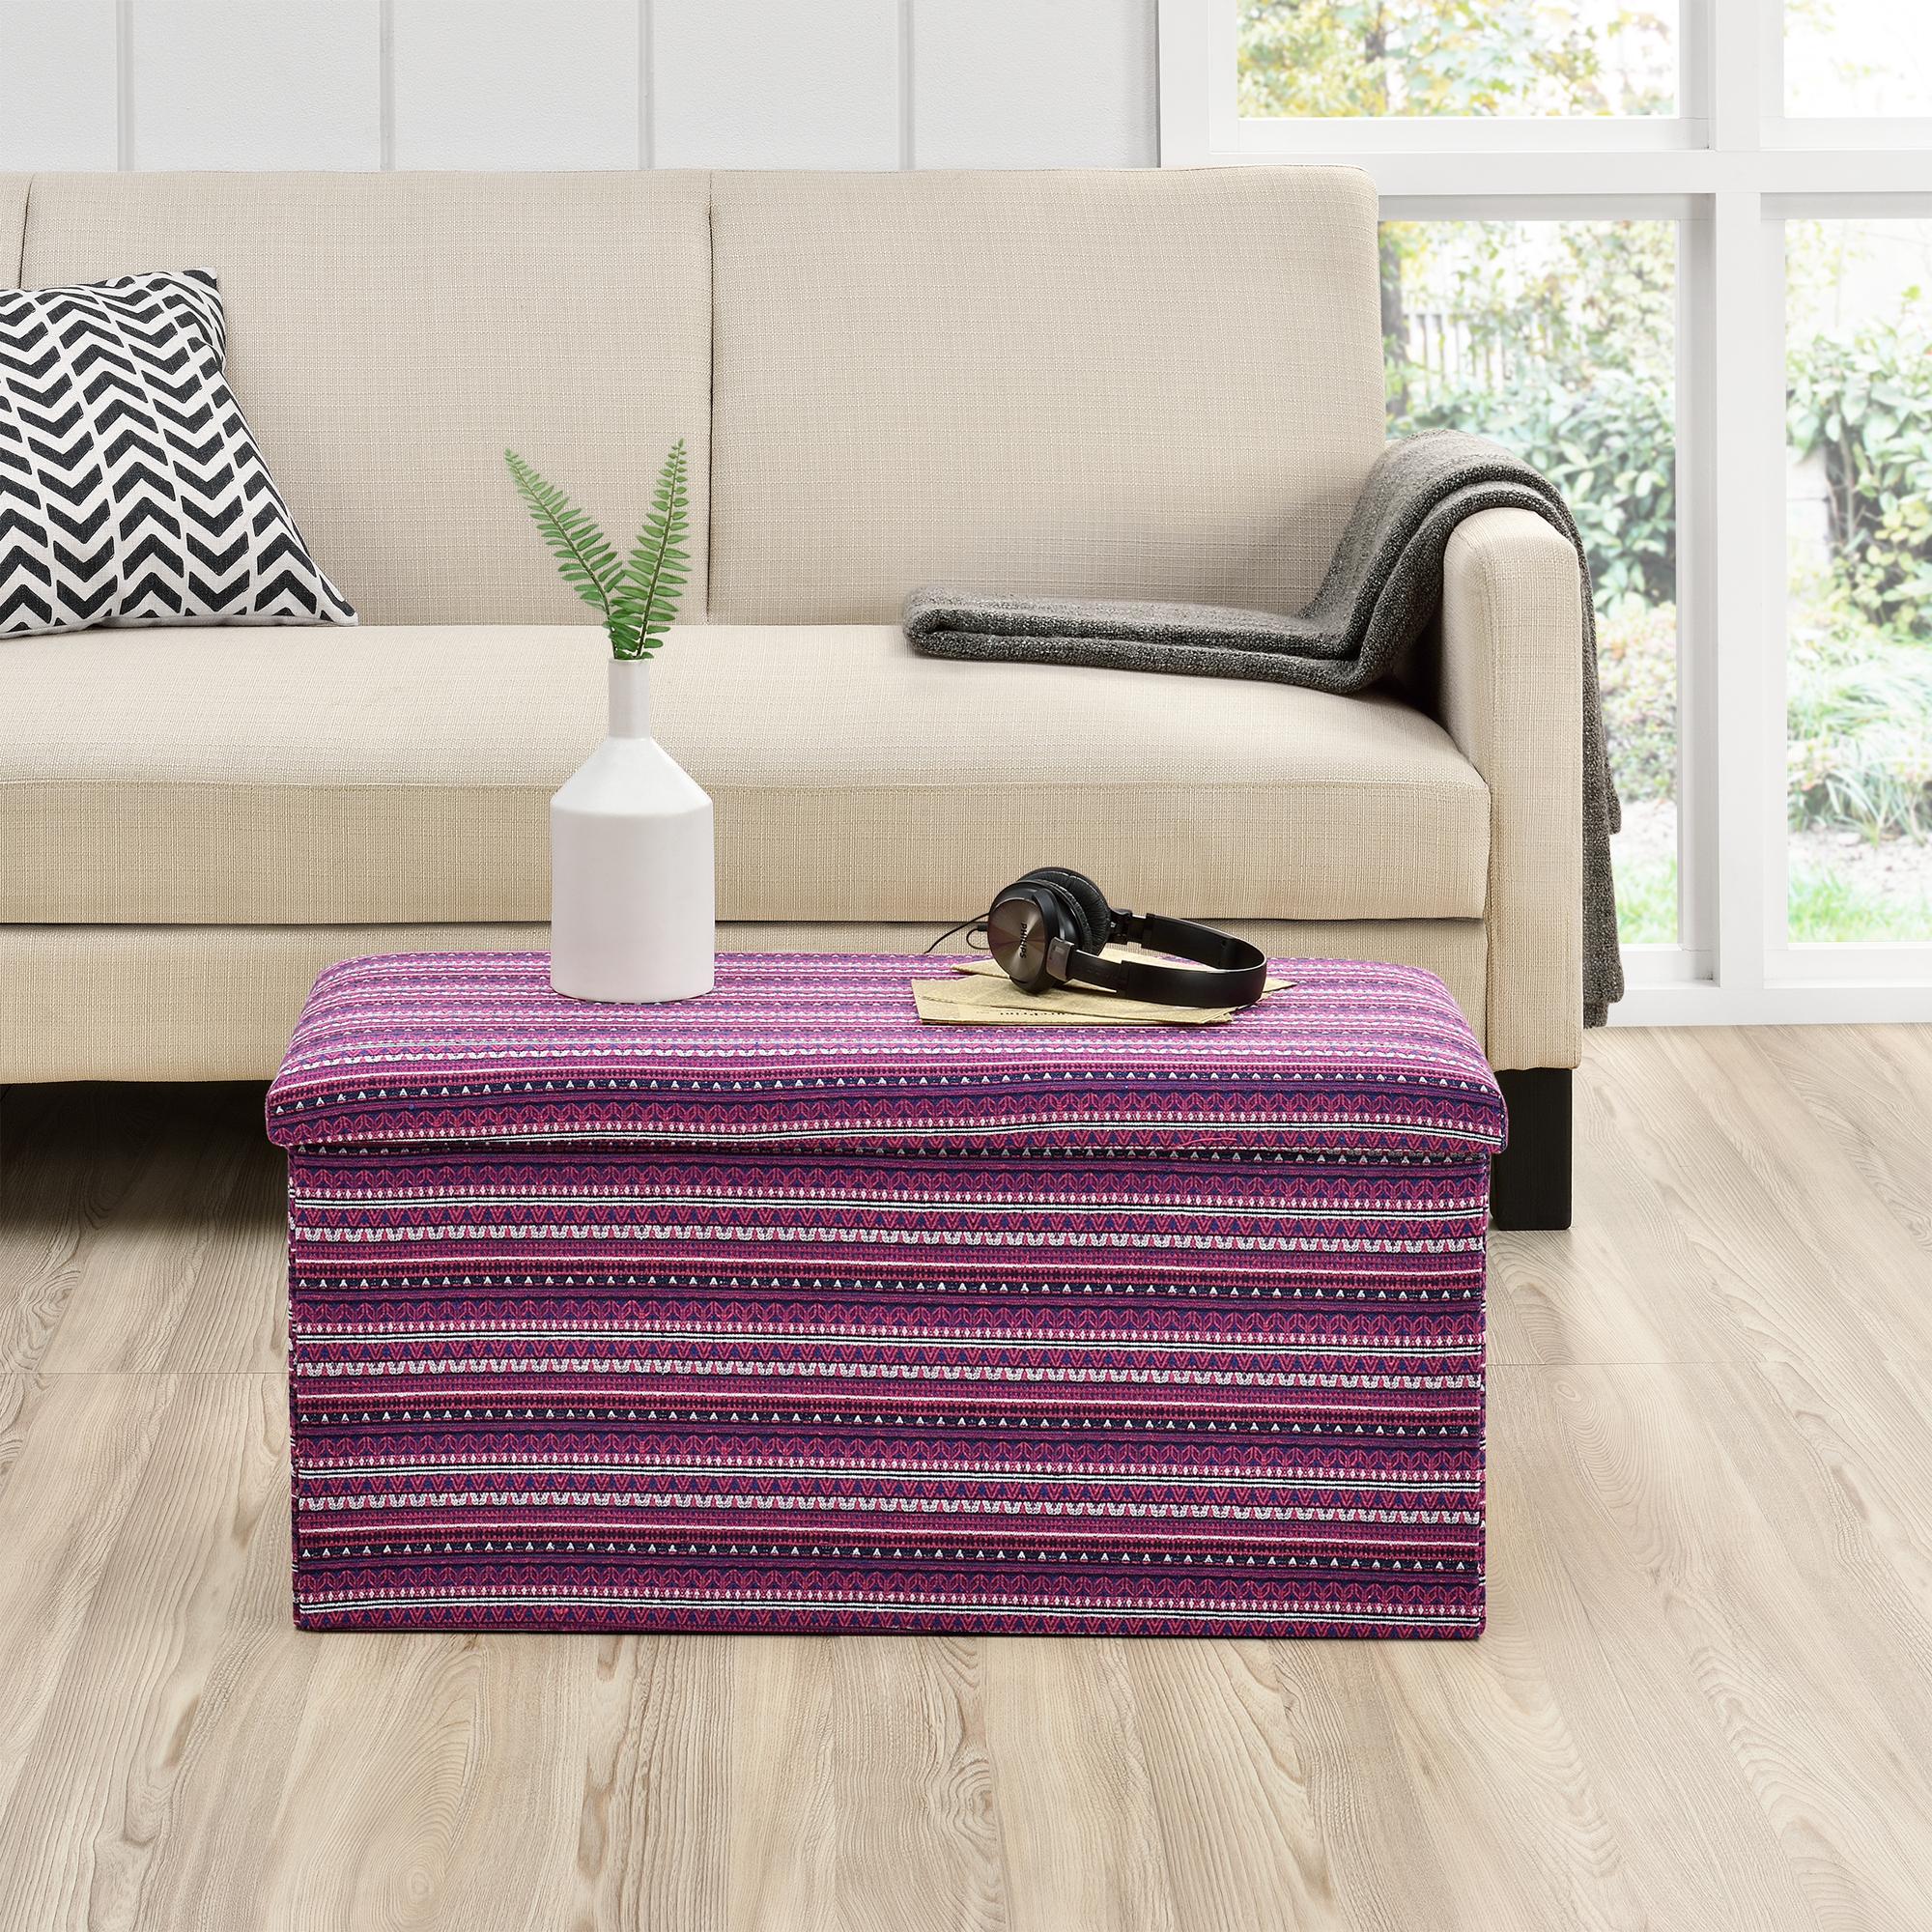 banc de rangement 76x38x38cm multicolore porte pieds ebay. Black Bedroom Furniture Sets. Home Design Ideas